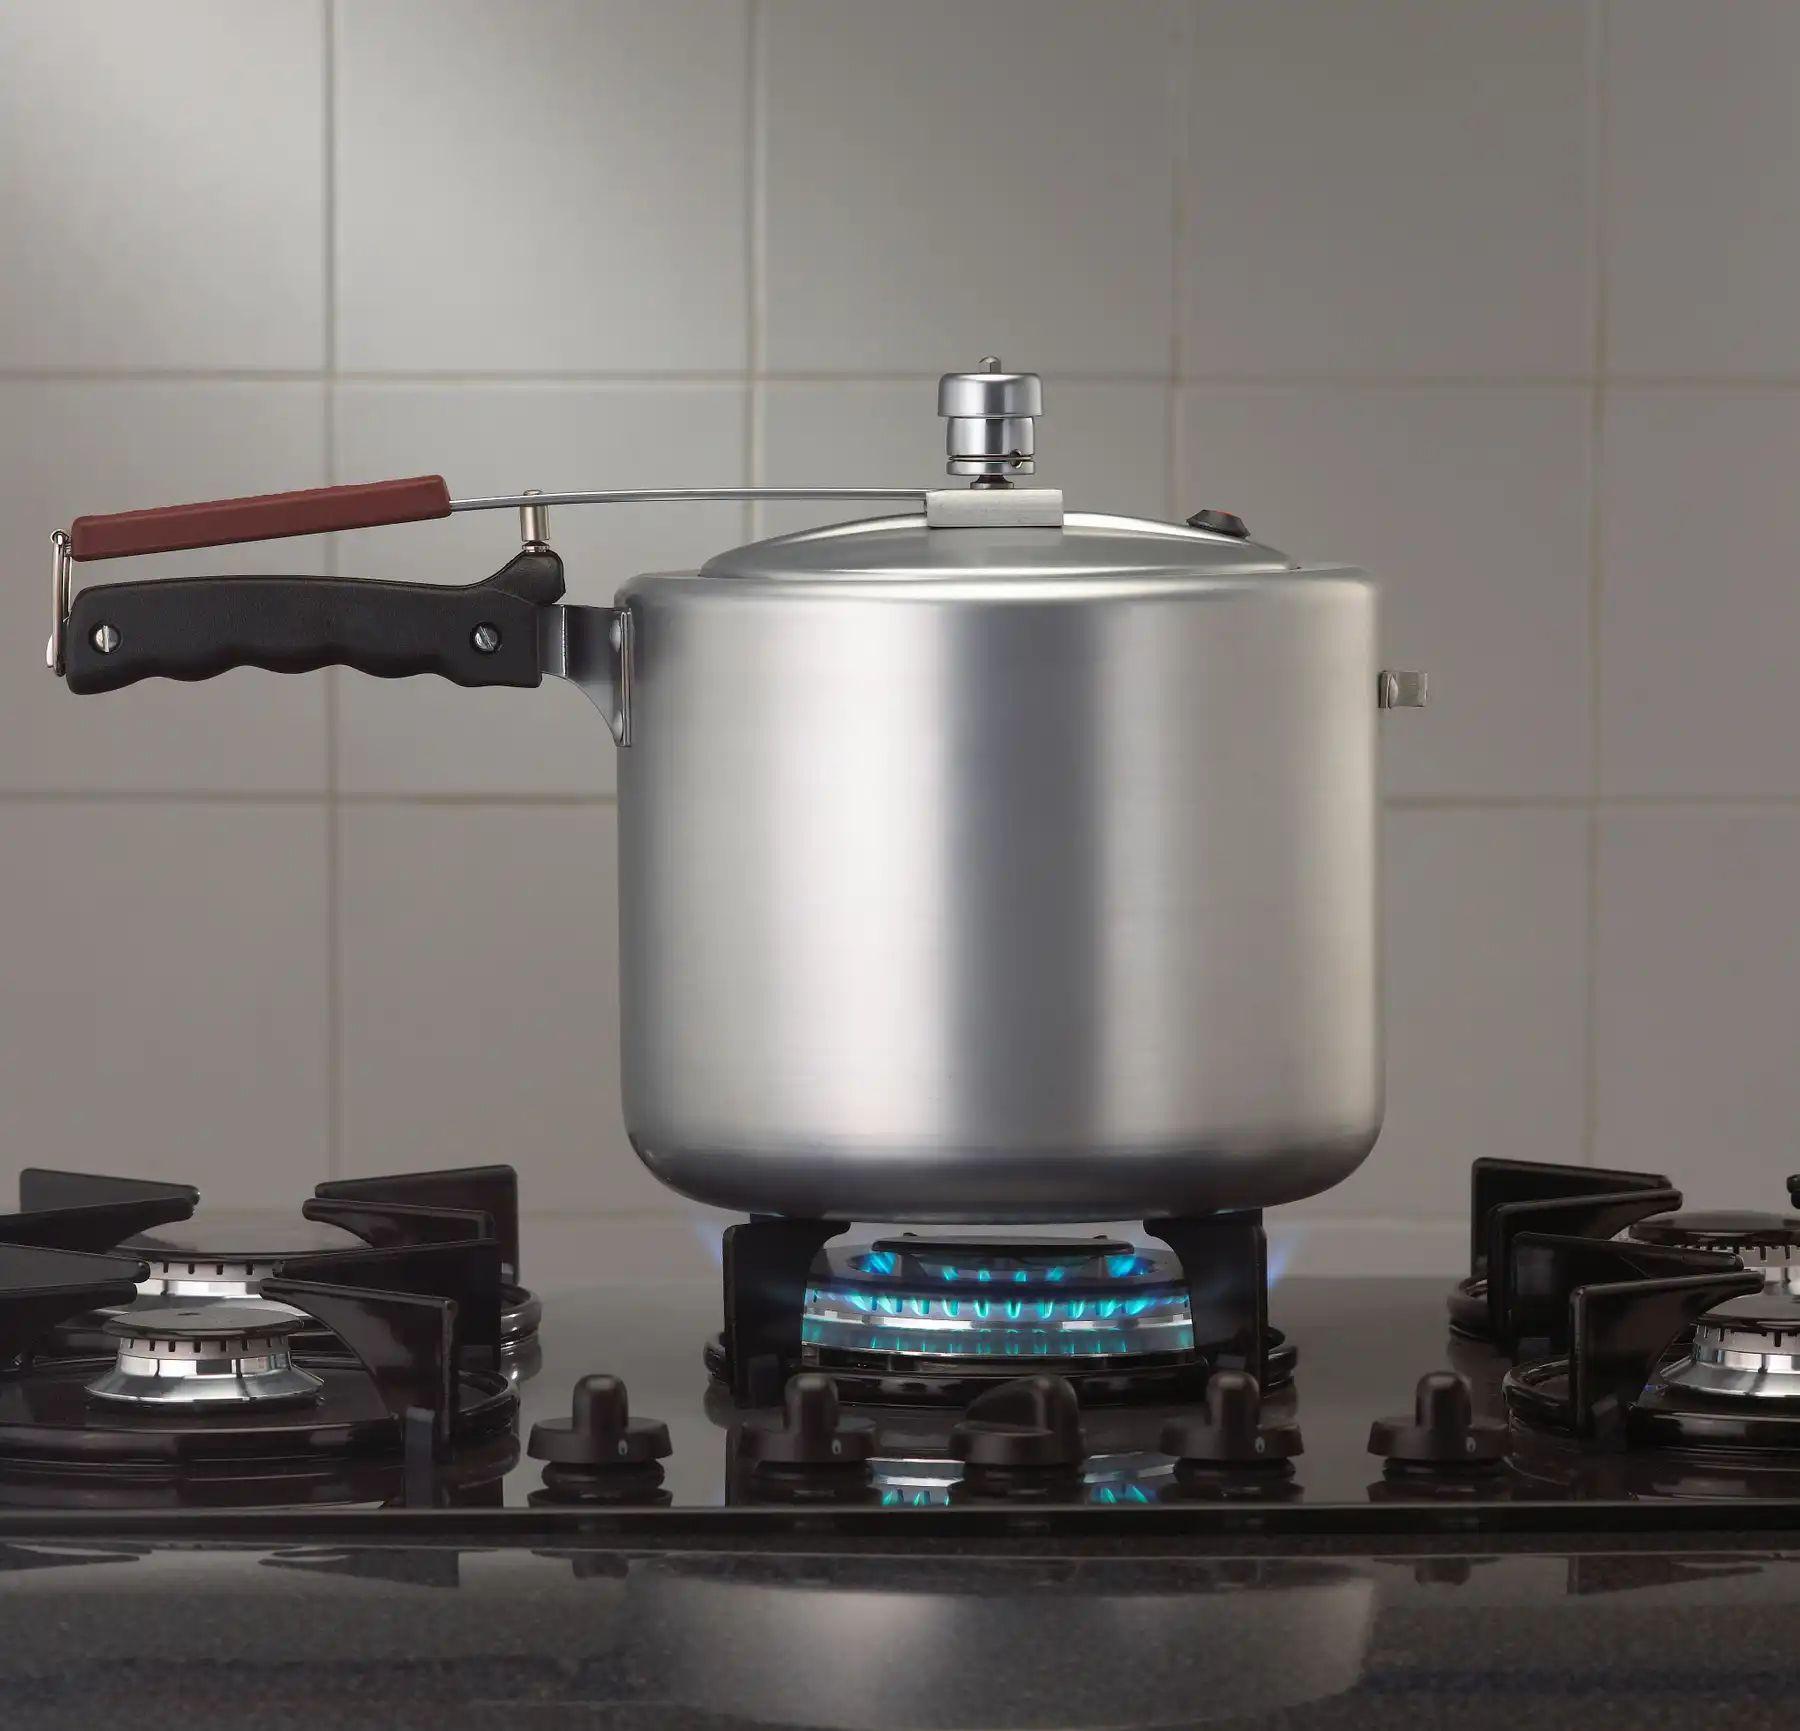 Đặt nồi áp suất lên bếp đúng cách